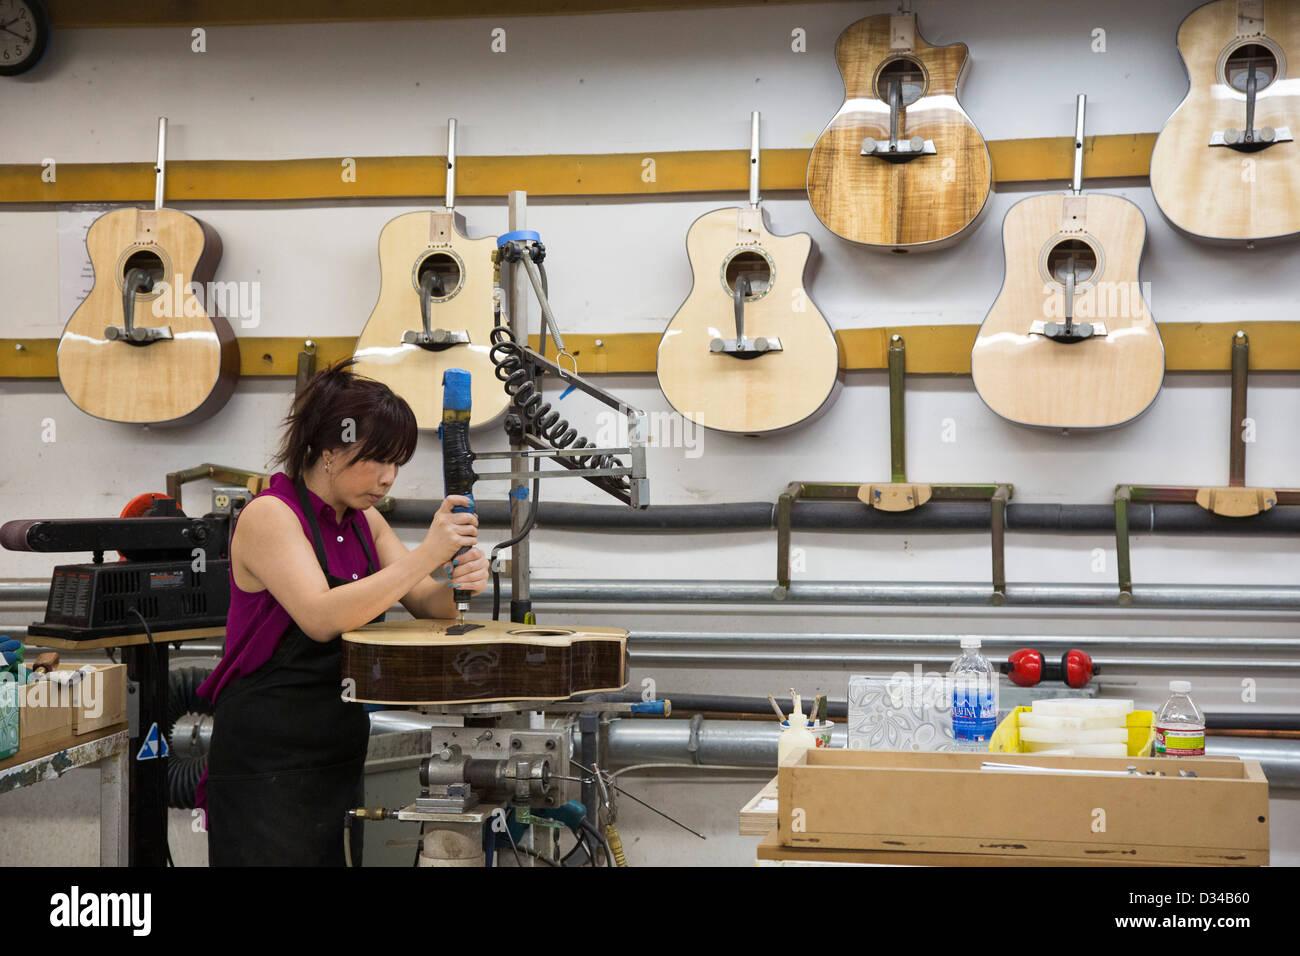 El Cajon, California - Los trabajadores hacen guitarras a Taylor Guitars factory. Imagen De Stock